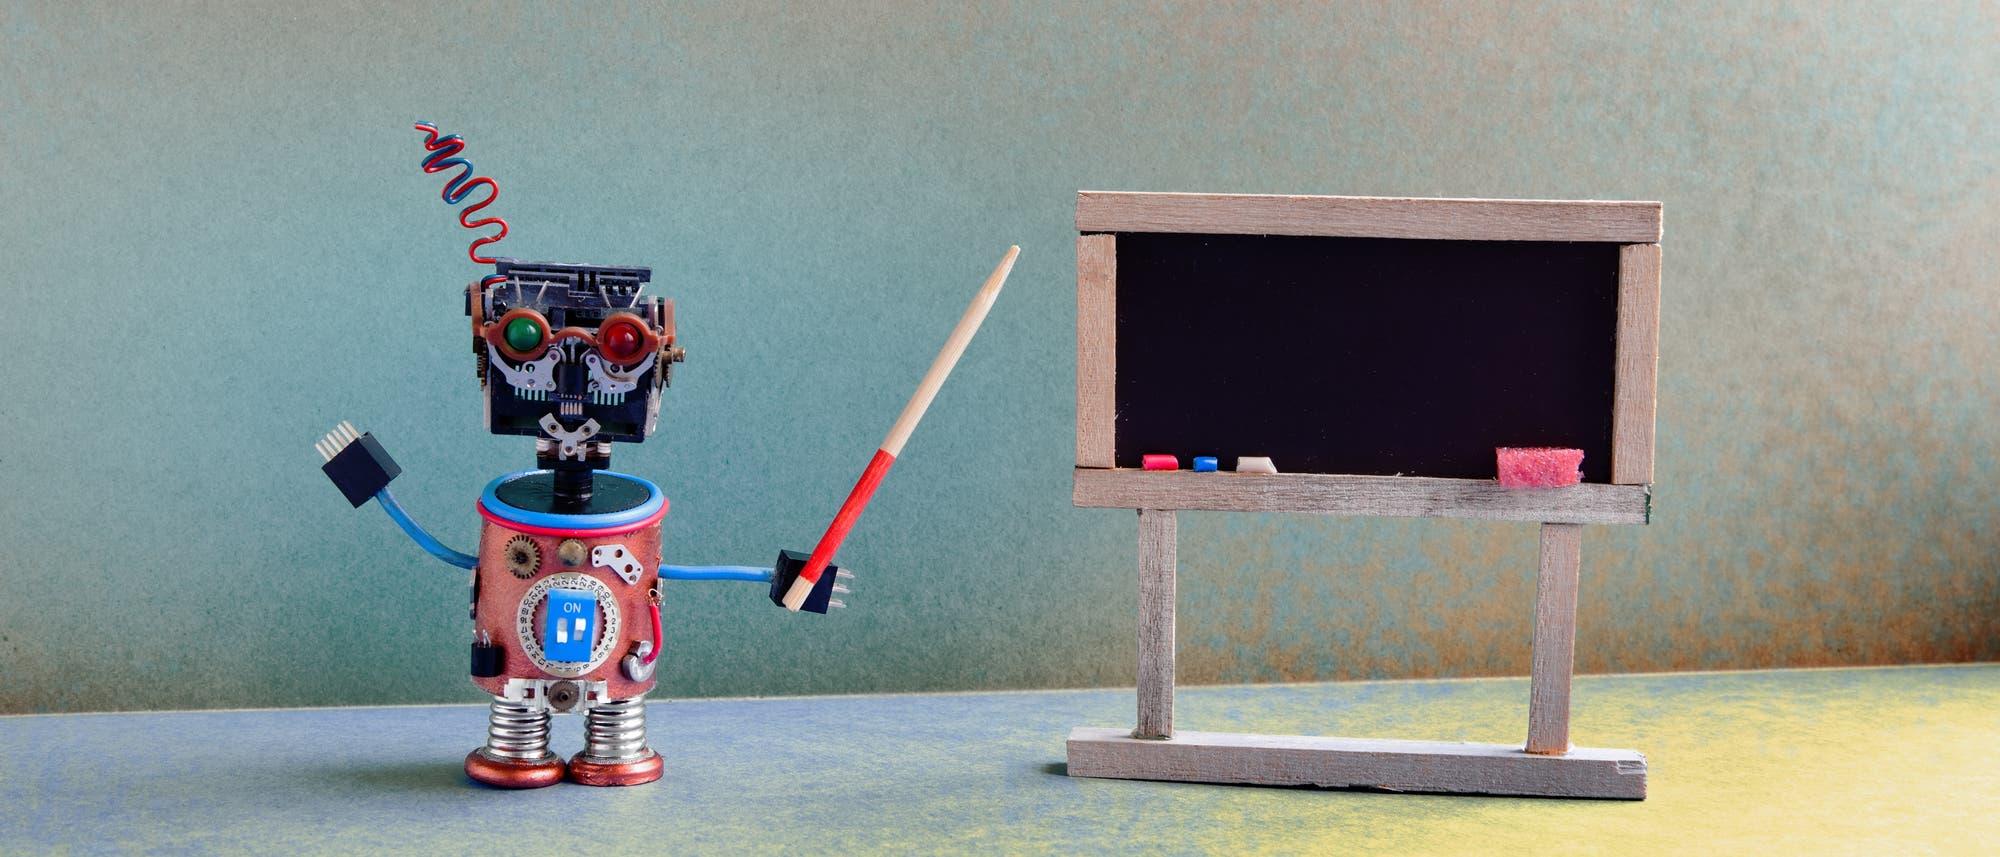 Ein kleiner Roboter steht vor einer Tafel